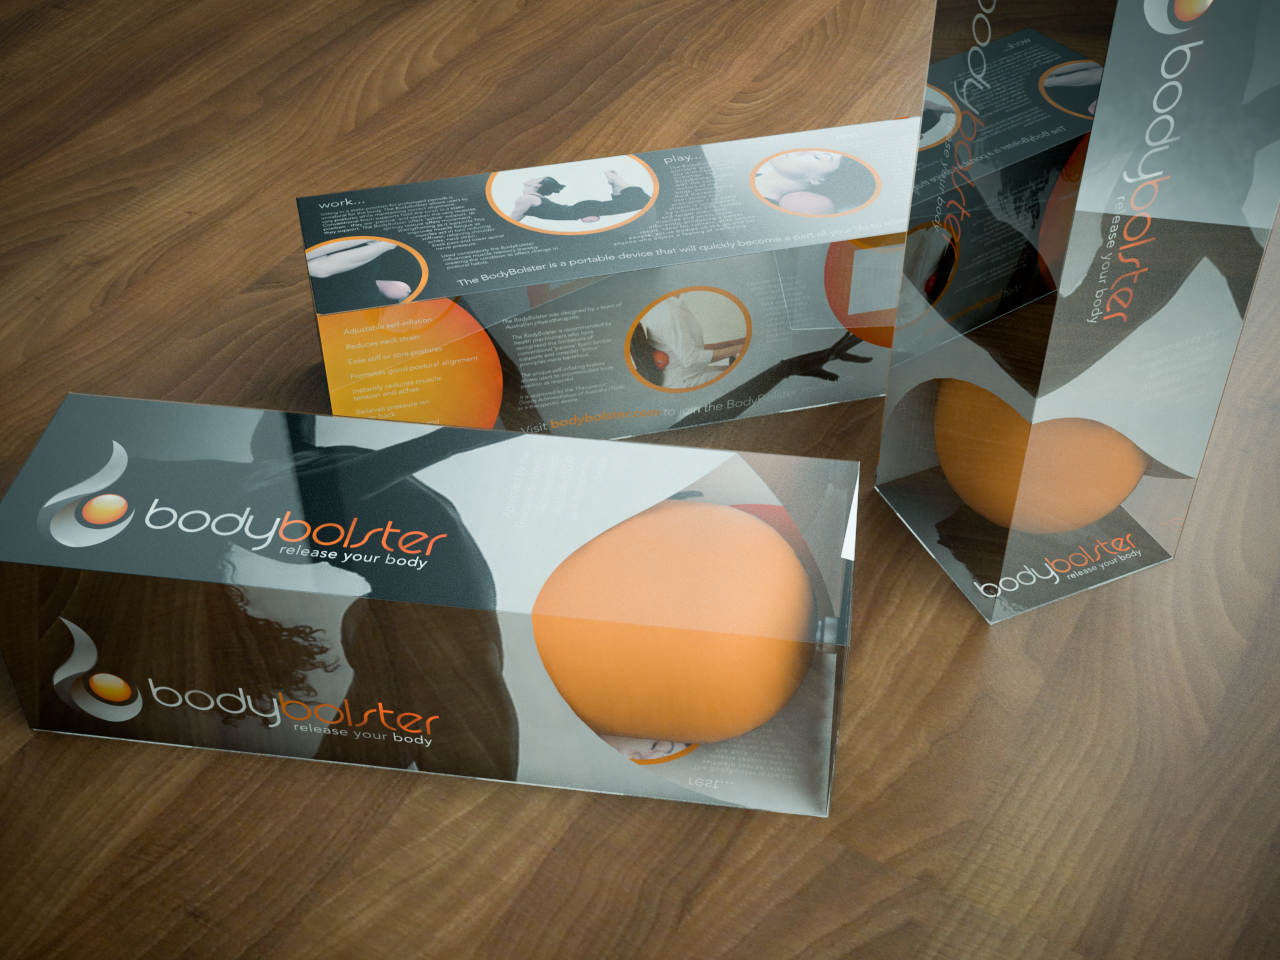 bodybolster packaging